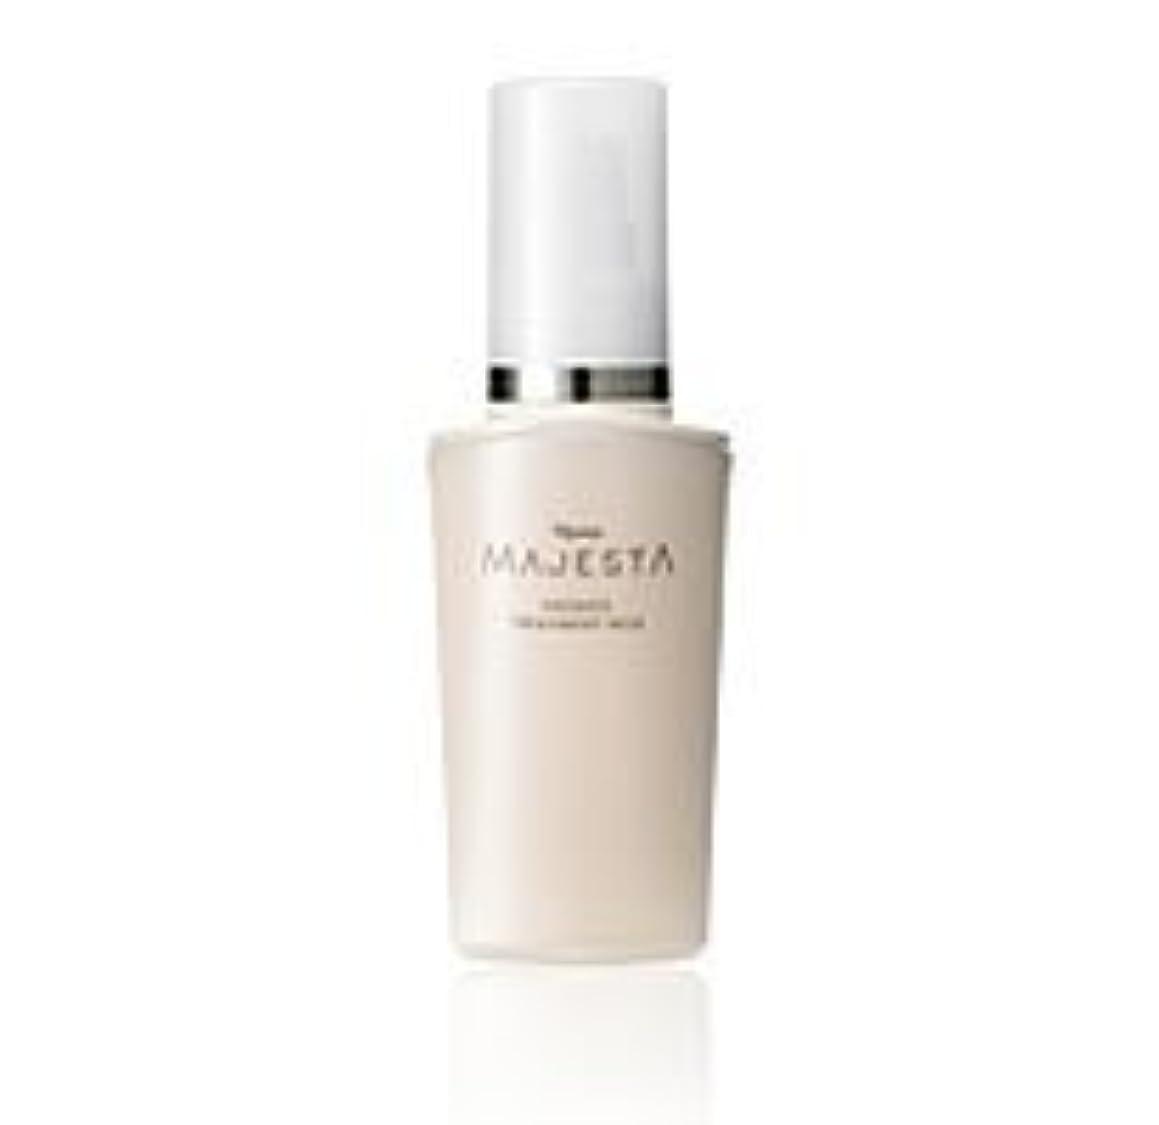 食用期待する全体ナリス化粧品 マジェスタ ネオアクシス トリートメントミルク (美容乳液) 80ml